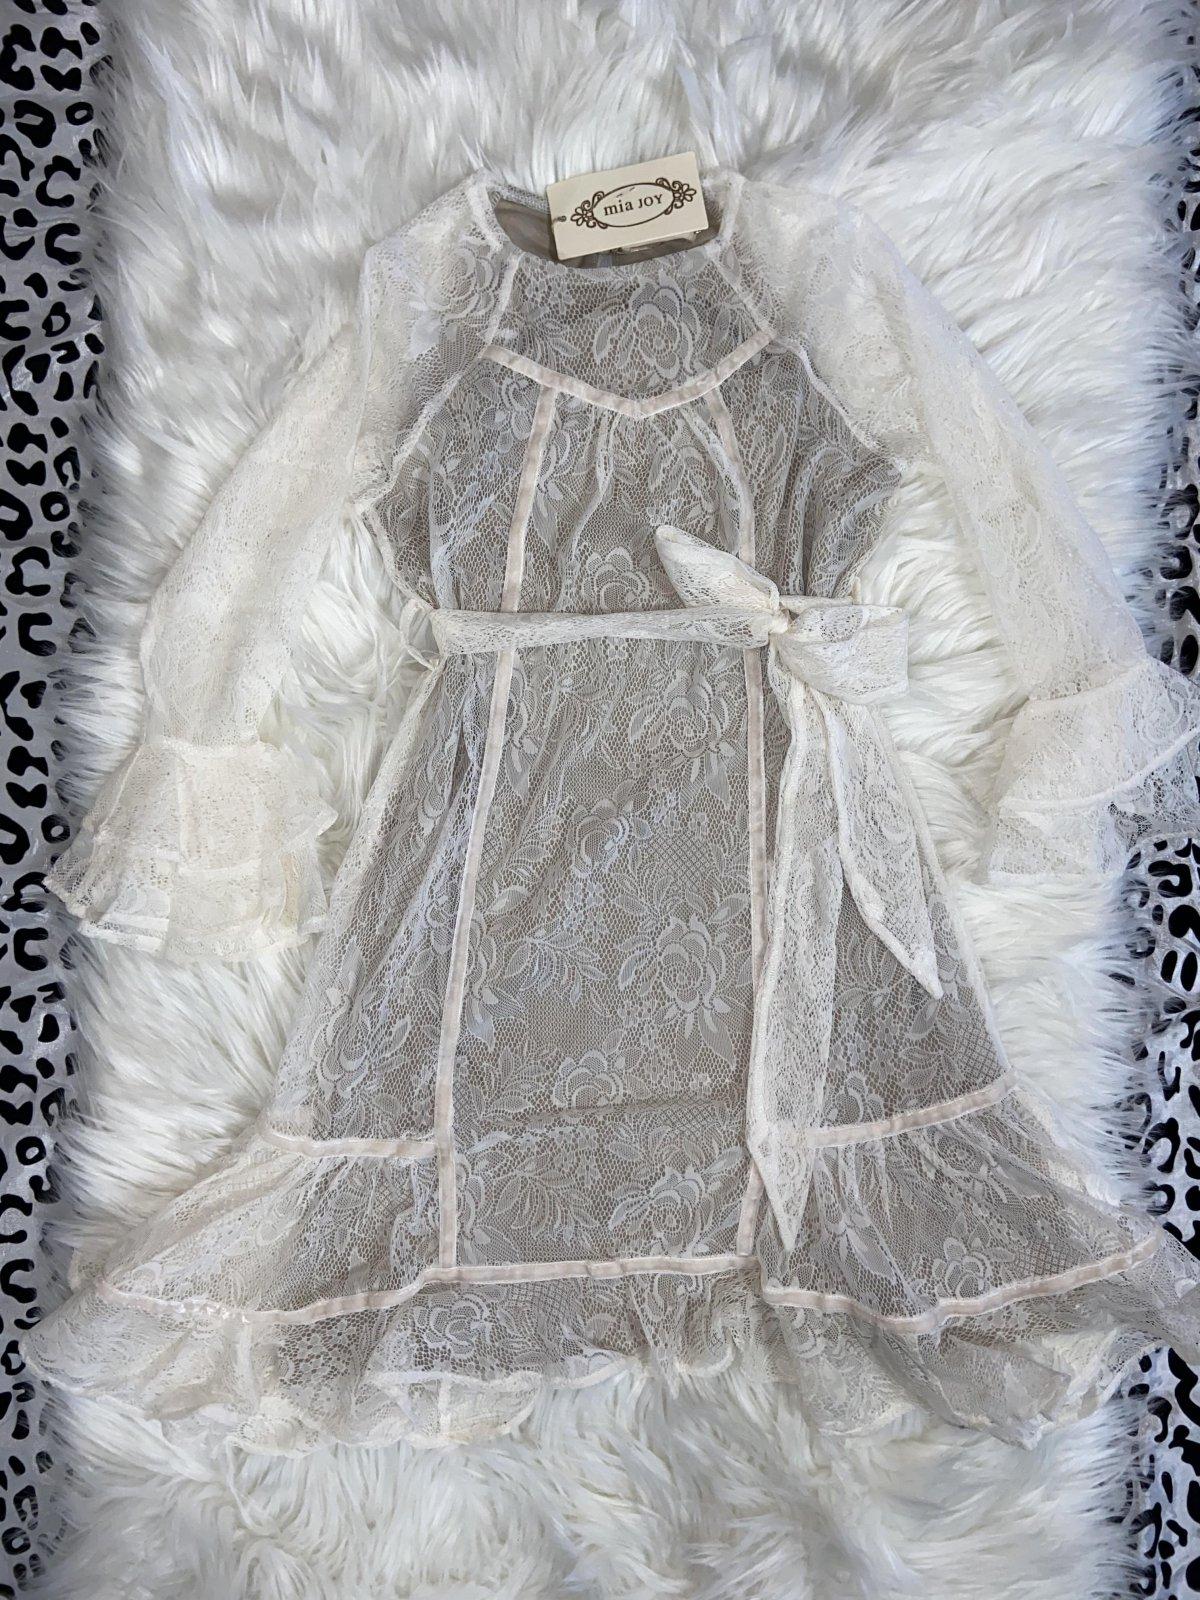 MIA JOY DRESS LS WHITE LACE SIZE 8